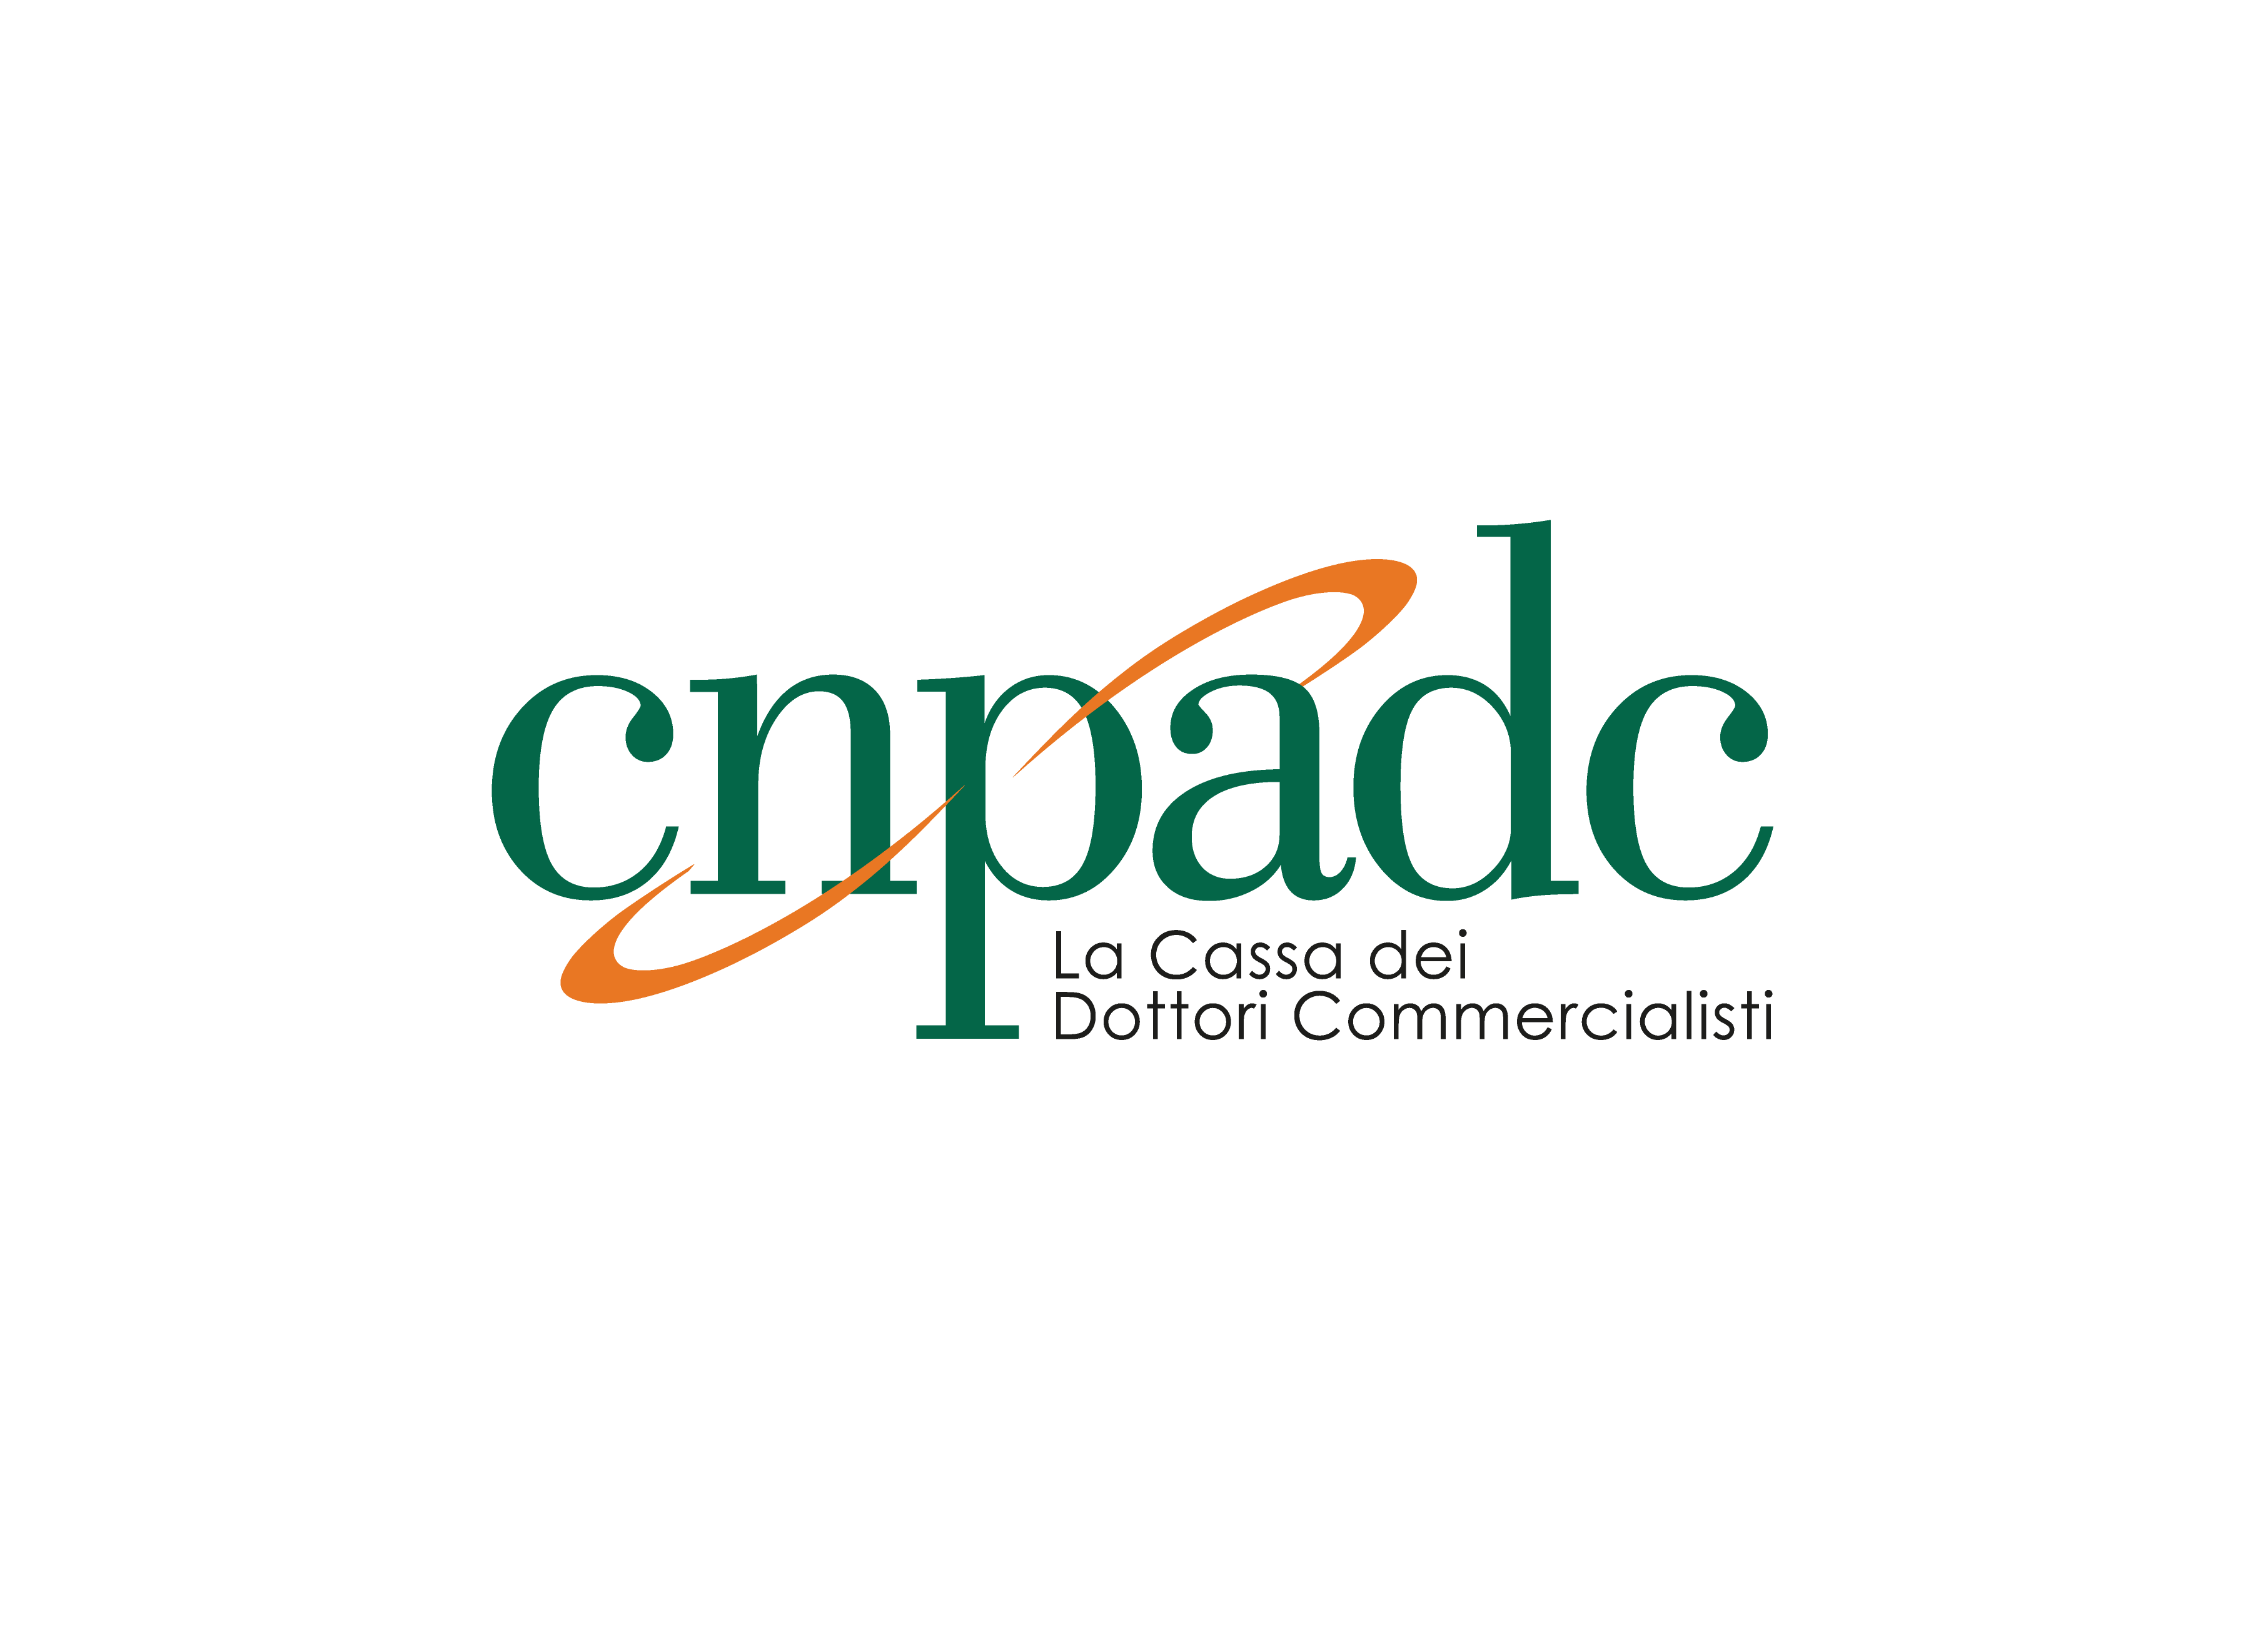 CNPADC - La Cassa dei Dottori Commercialisti